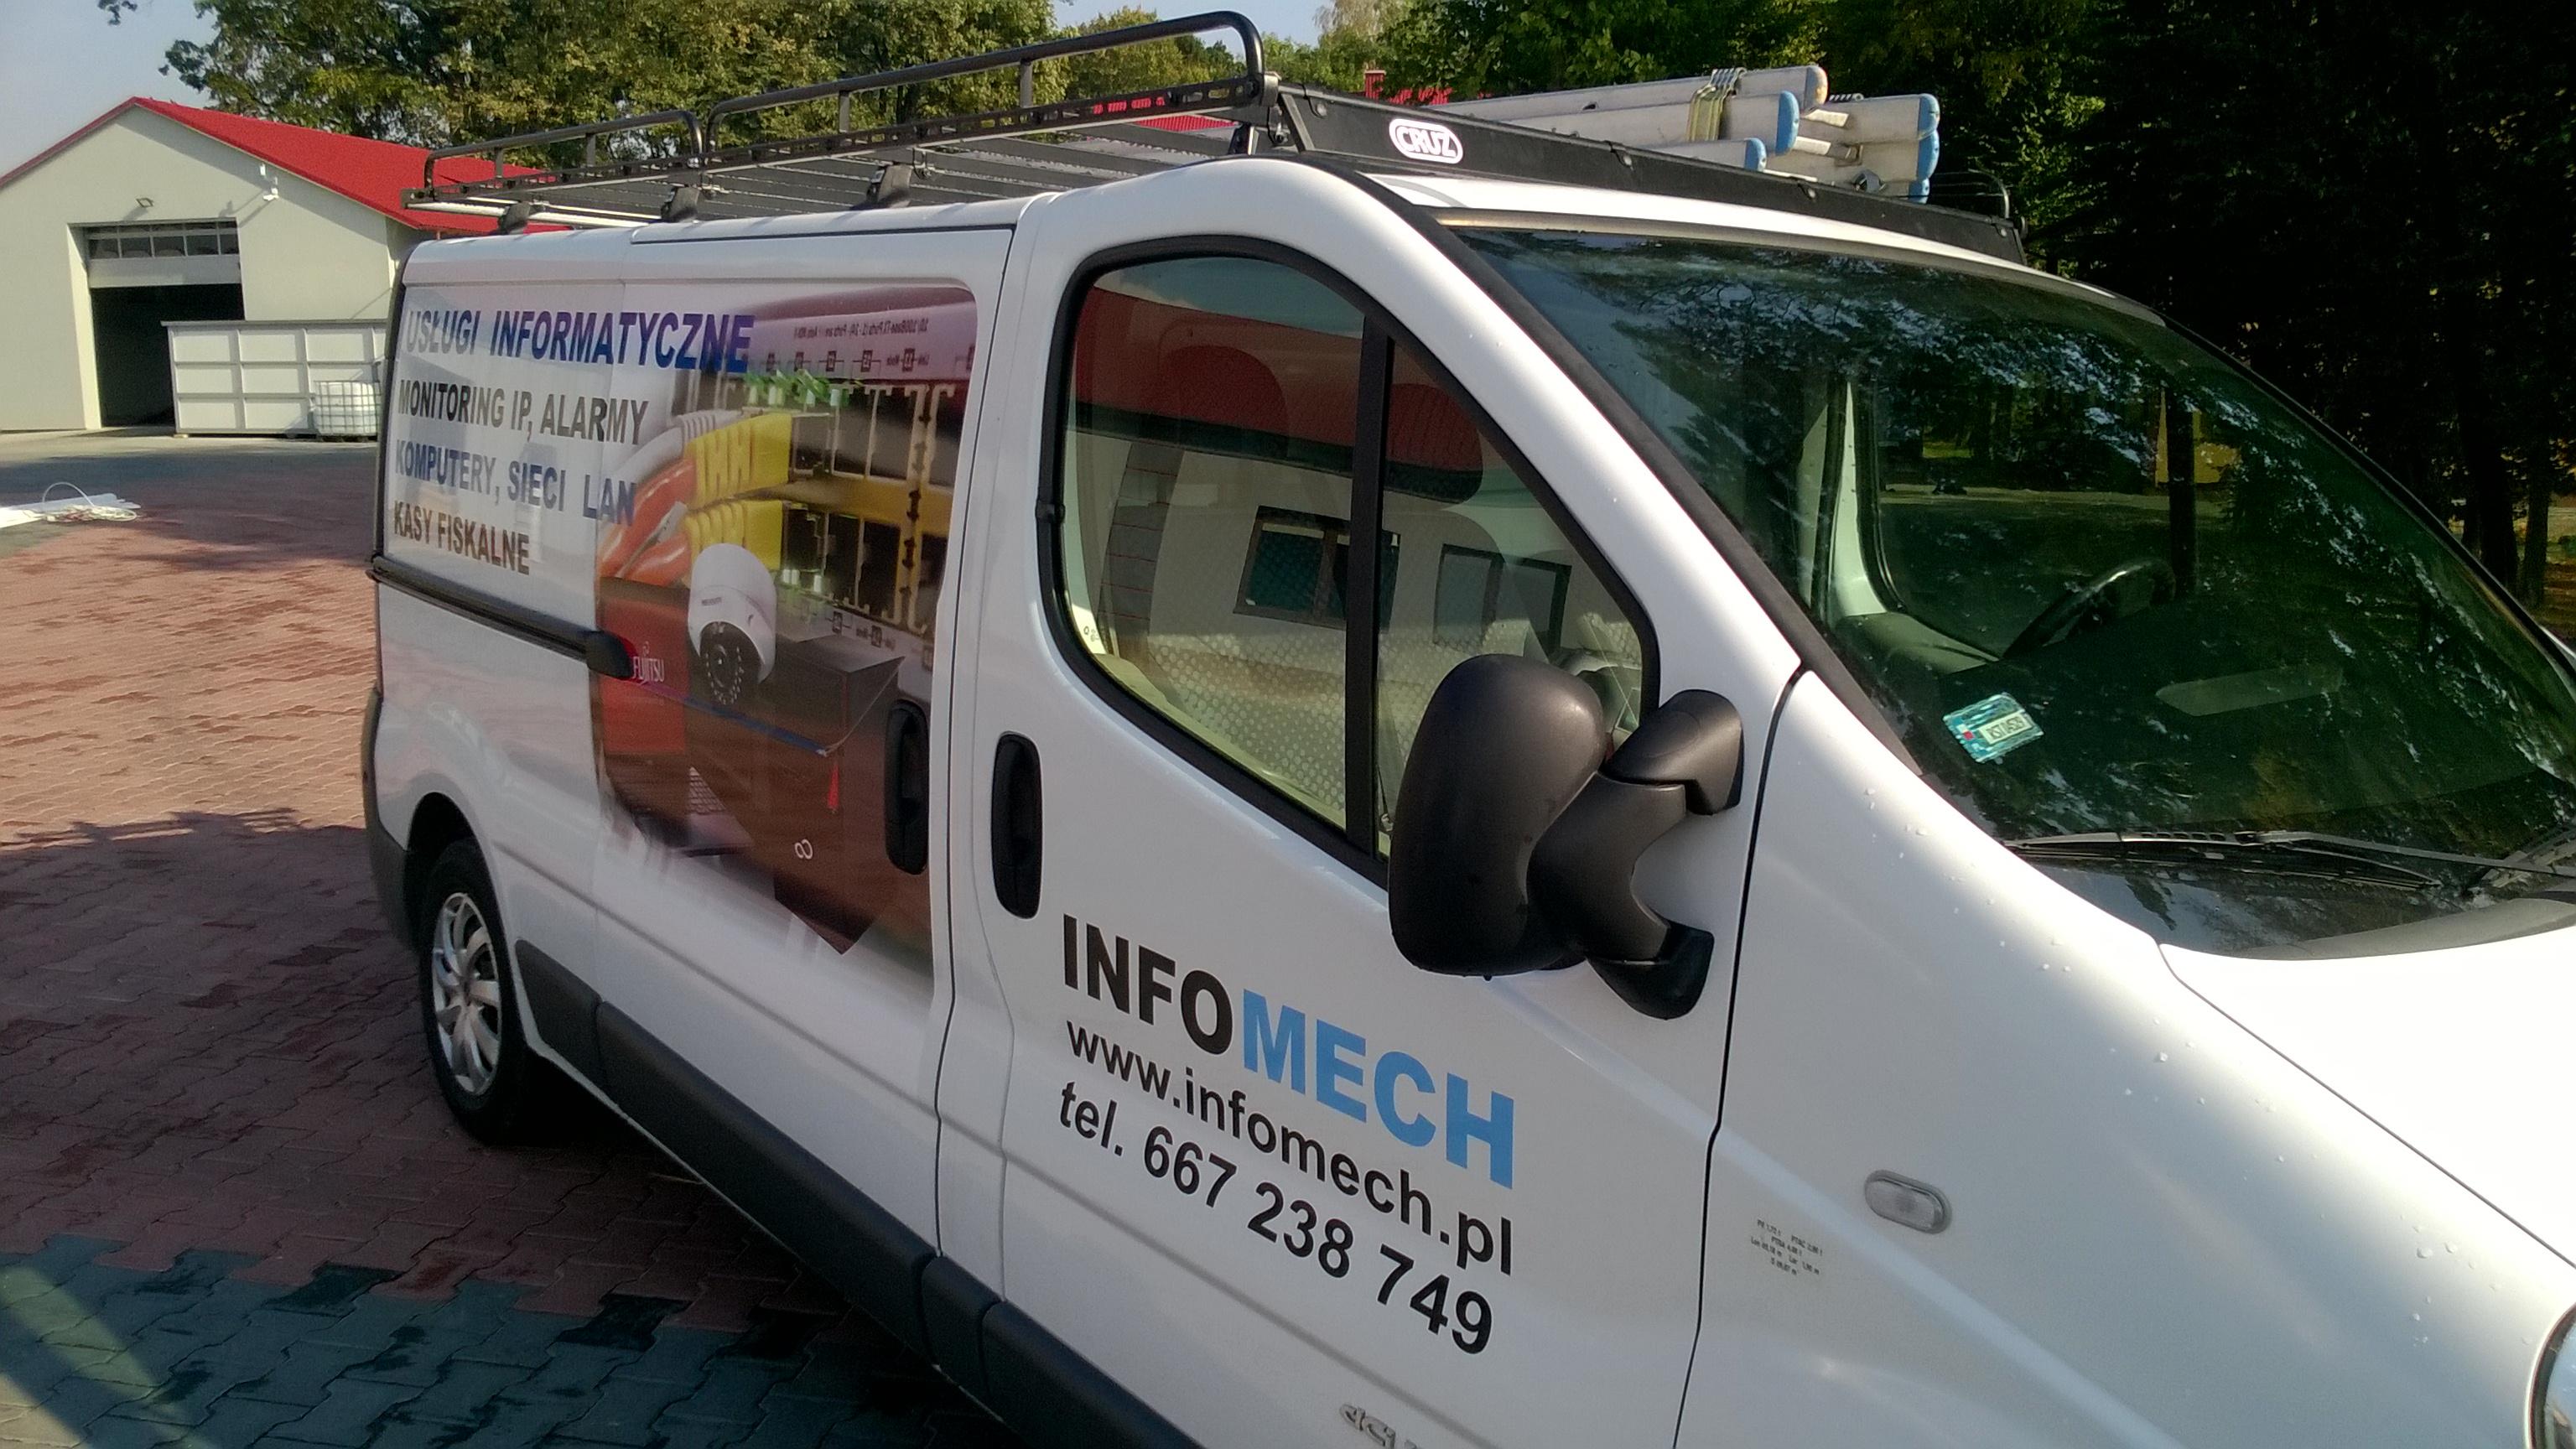 bus-techniczny-infomech-instalacje-elektryczne-i-teletechniczne-stalowa-wola-monitoring-bilgoraj-monitoring-zamosc-monitoring-stalowa-wola-infomech-mielec-alarmy-6